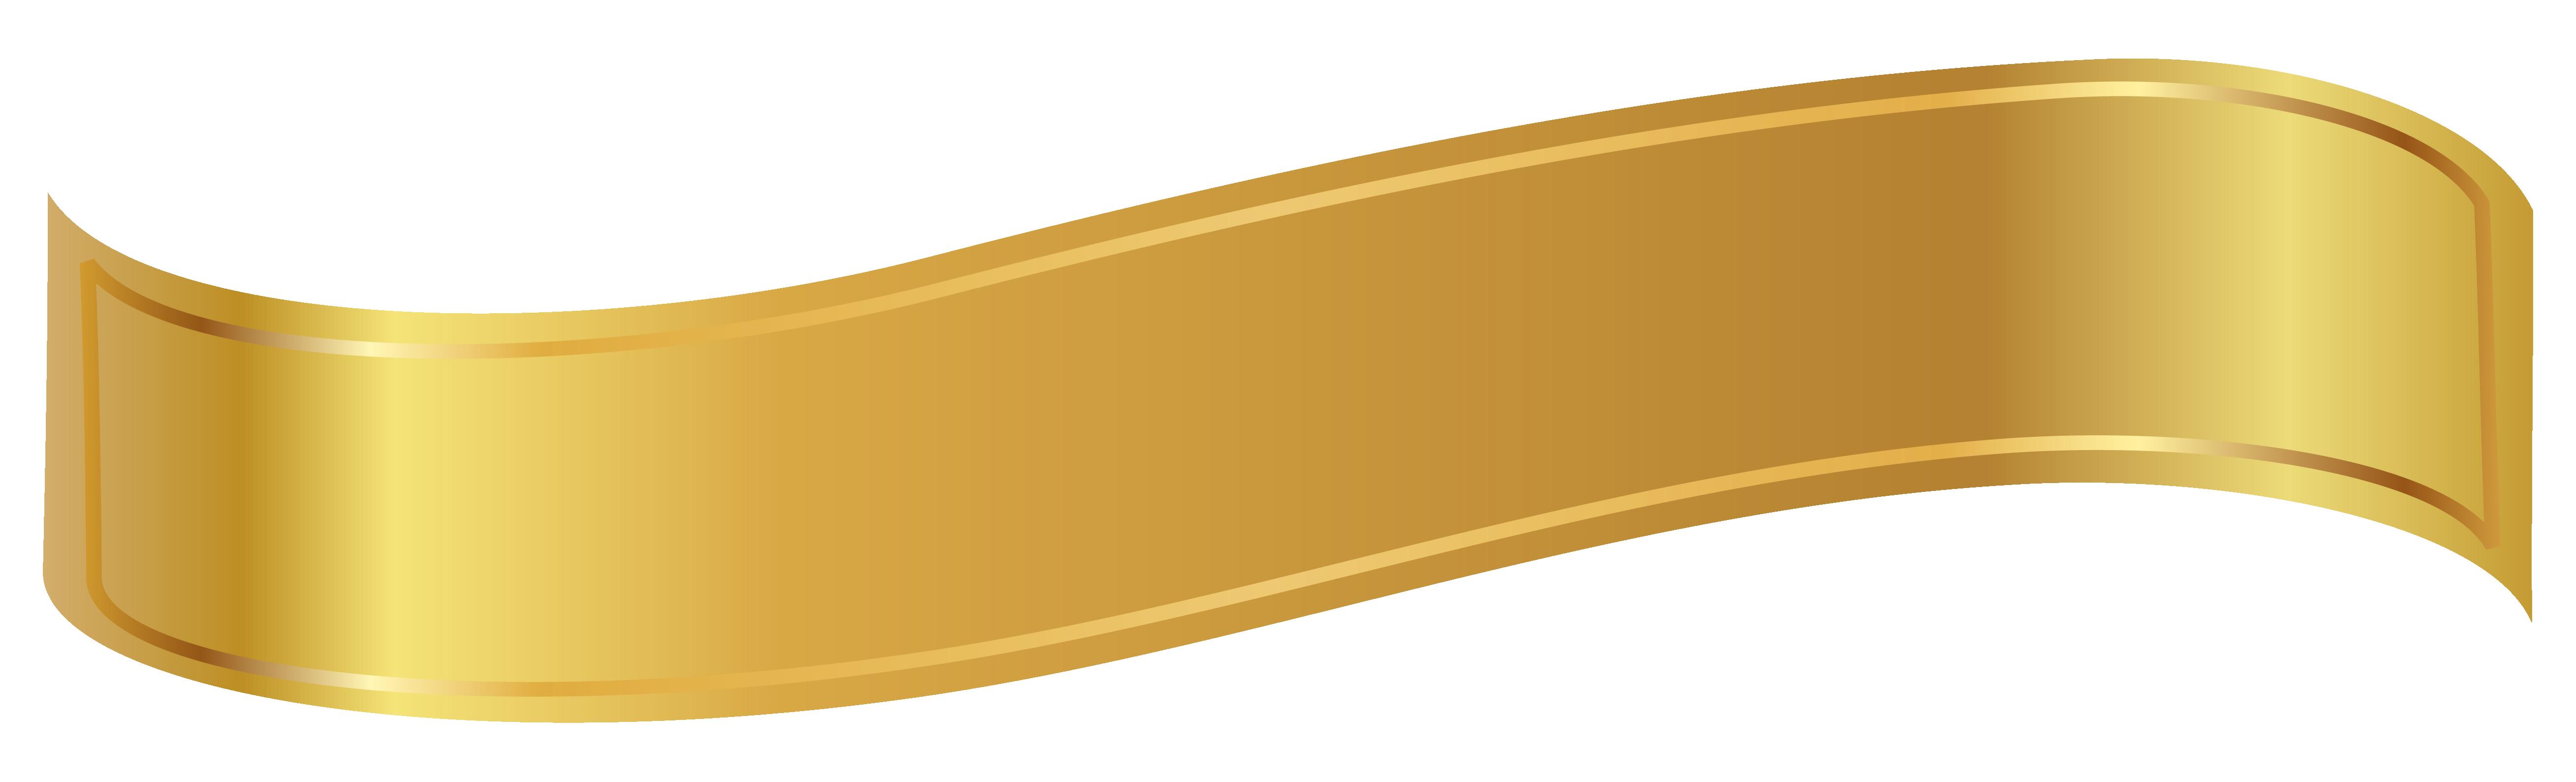 Faixa dourada png banner 4 » PNG Image.